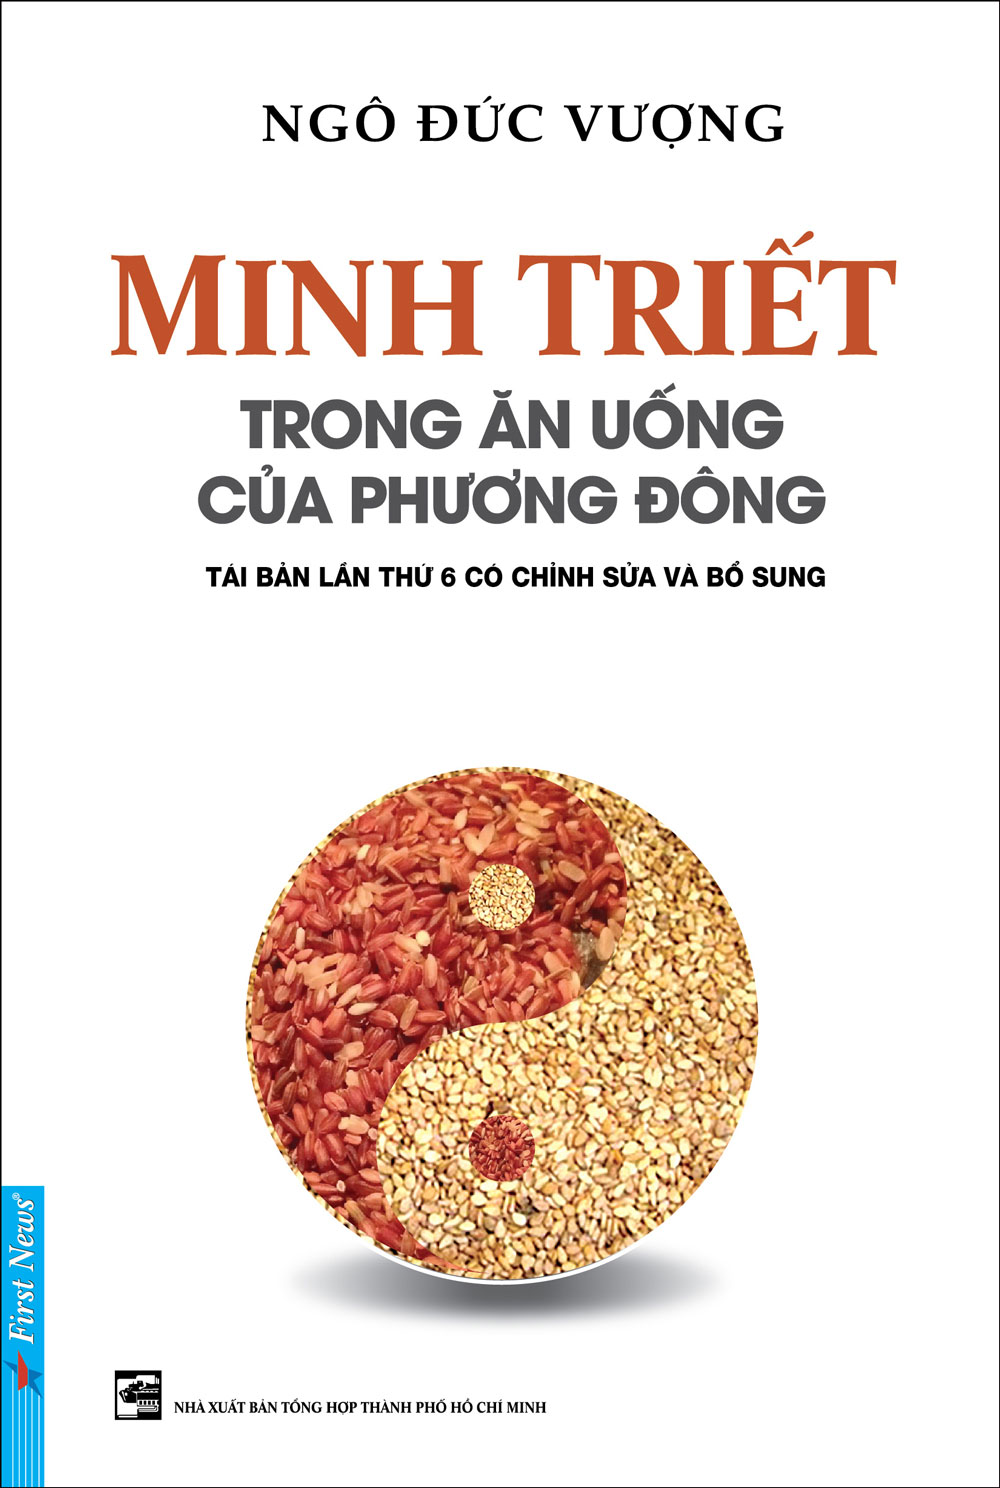 Minh Triết Trong Ăn Uống Của Phương Đông